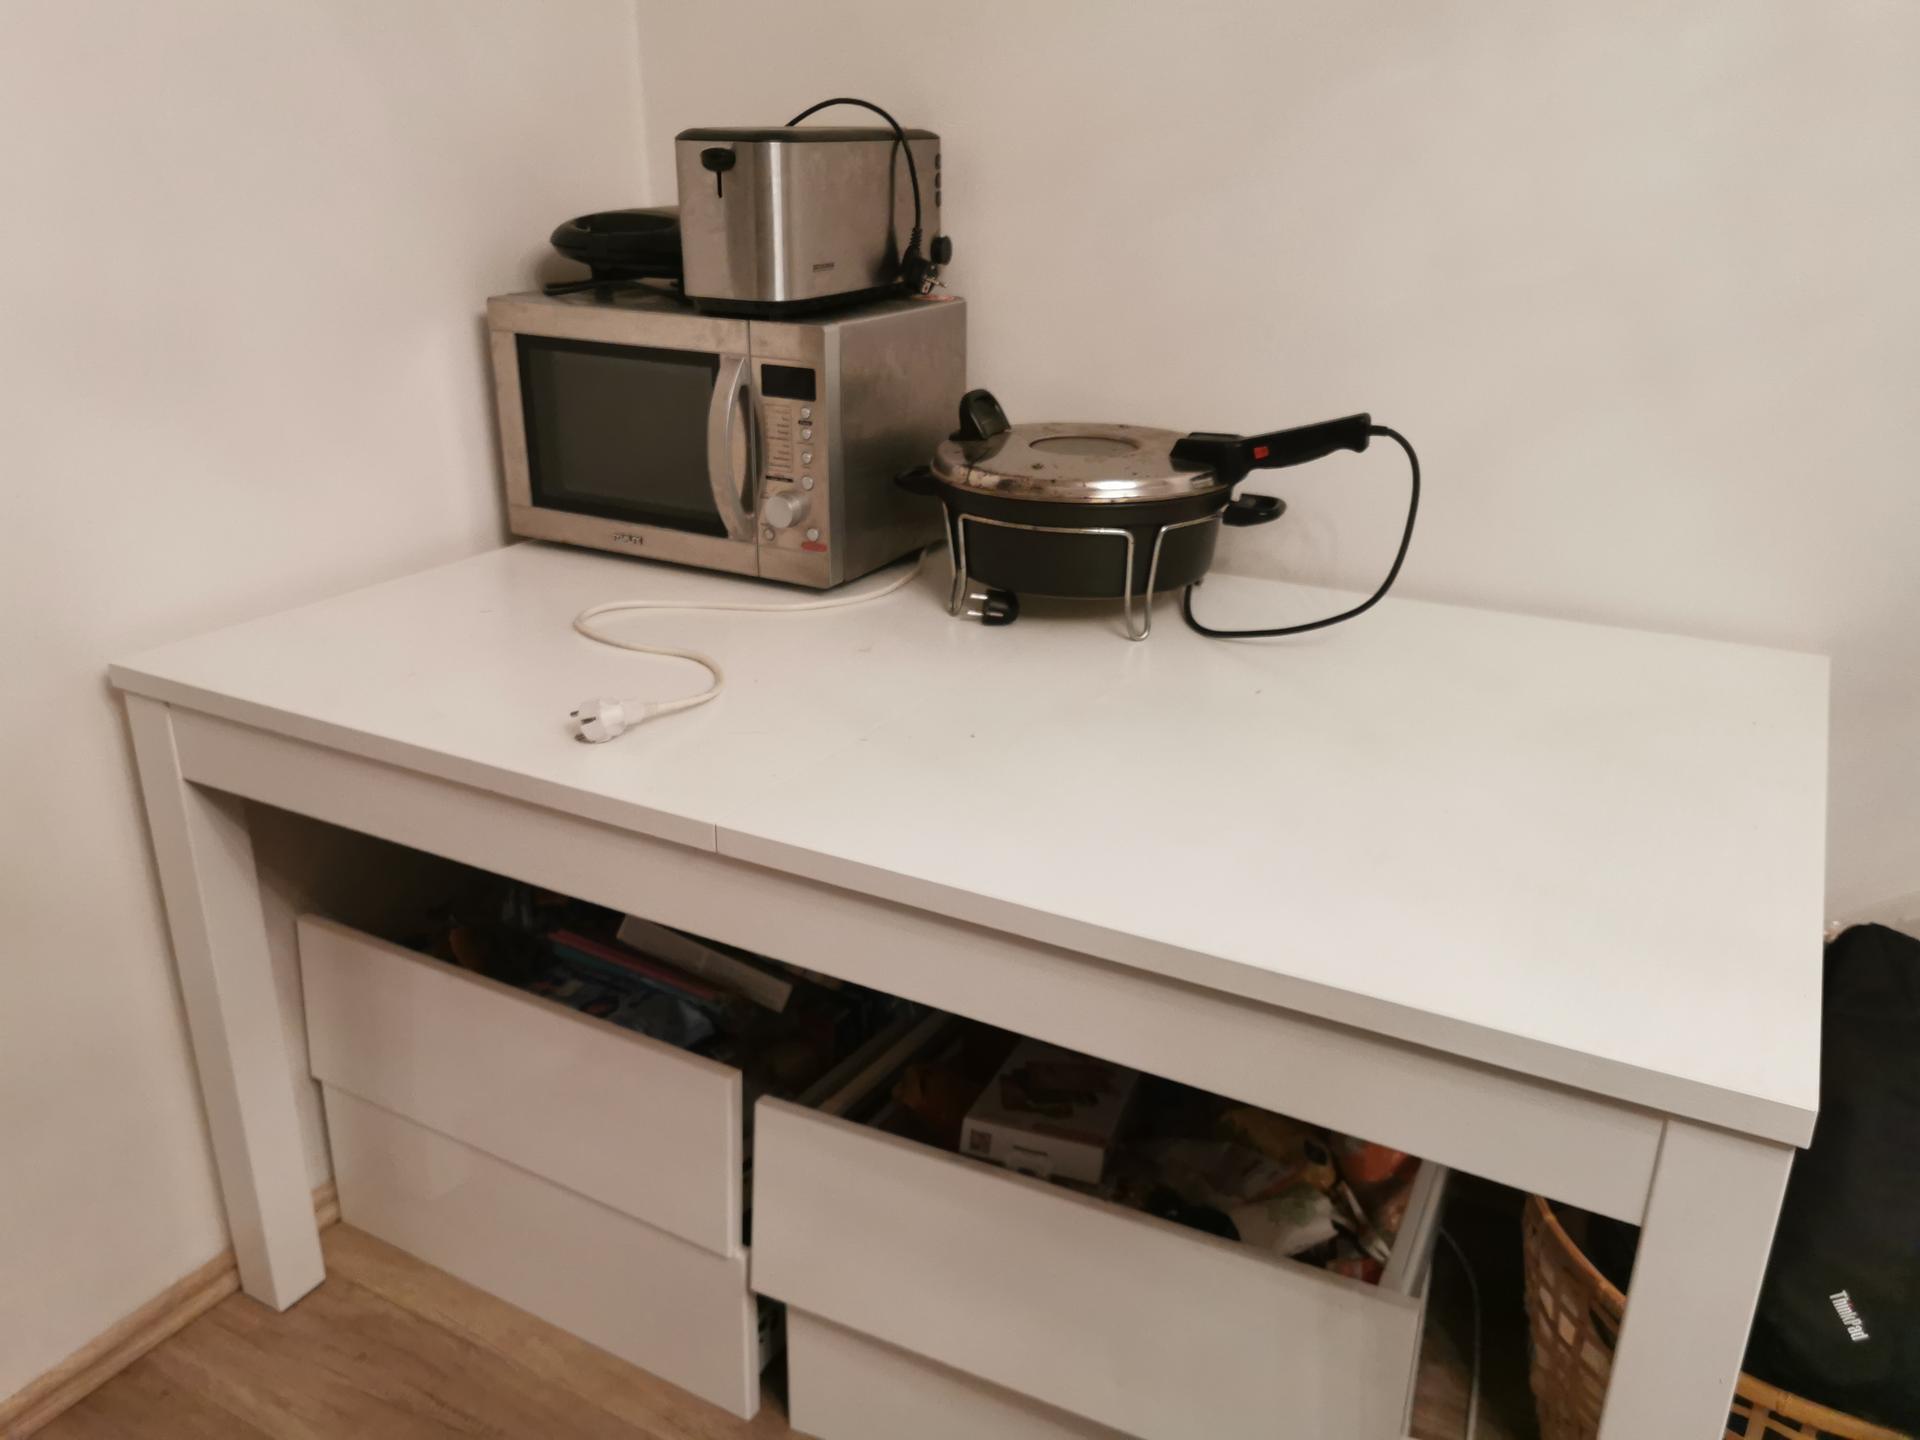 Kuchyně - rekonstrukce - Naše provizorní kuchyň na další 2 měsíce 😬